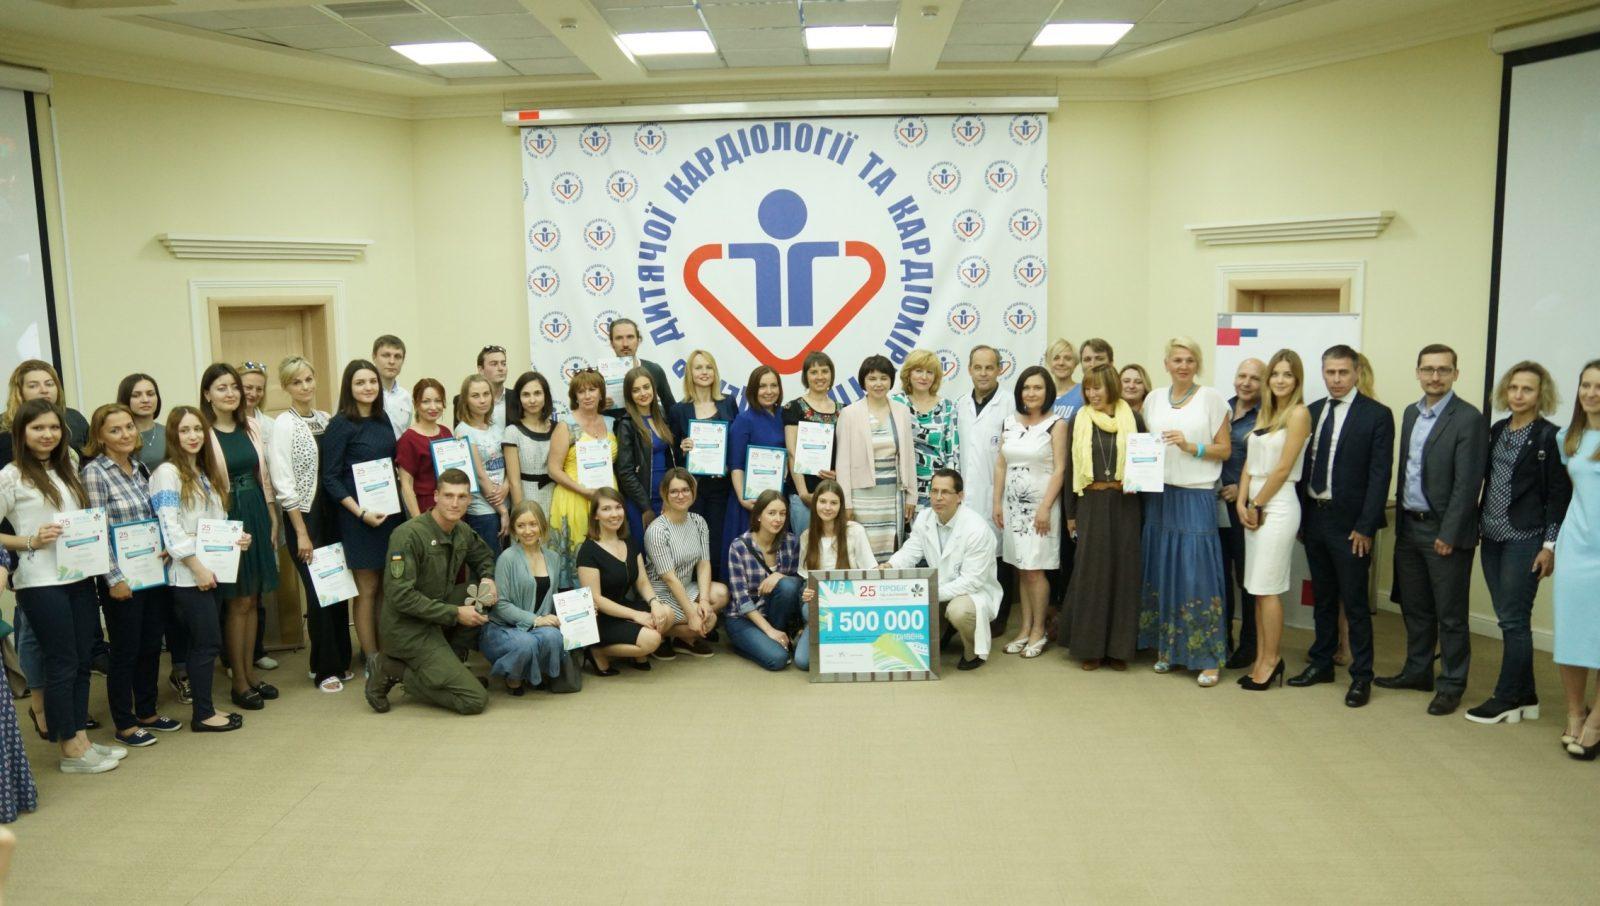 25-й «Пробег под каштанами» собрал 10 702 участника ради счастливого будущего детей - photo